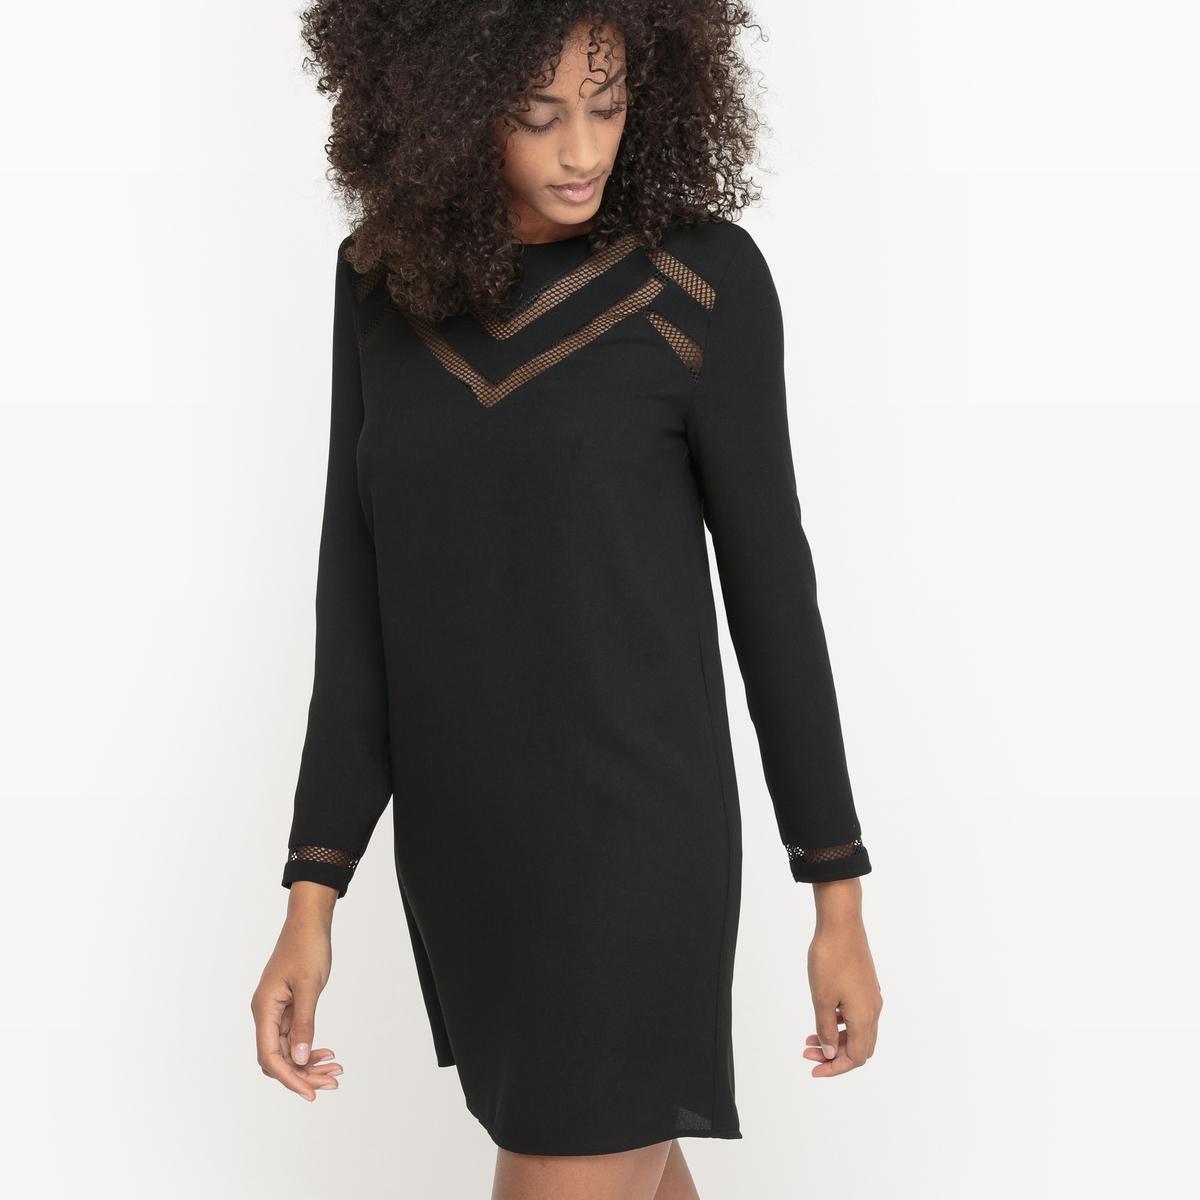 Платье с геометрическими вырезами.Состав и описаниеМатериалы : 100% полиэстерМарка : Sud ExpressМодель : RolontaireУходСледуйте рекомендациям по уходу, указанным на этикетке изделия.<br><br>Цвет: черный<br>Размер: M